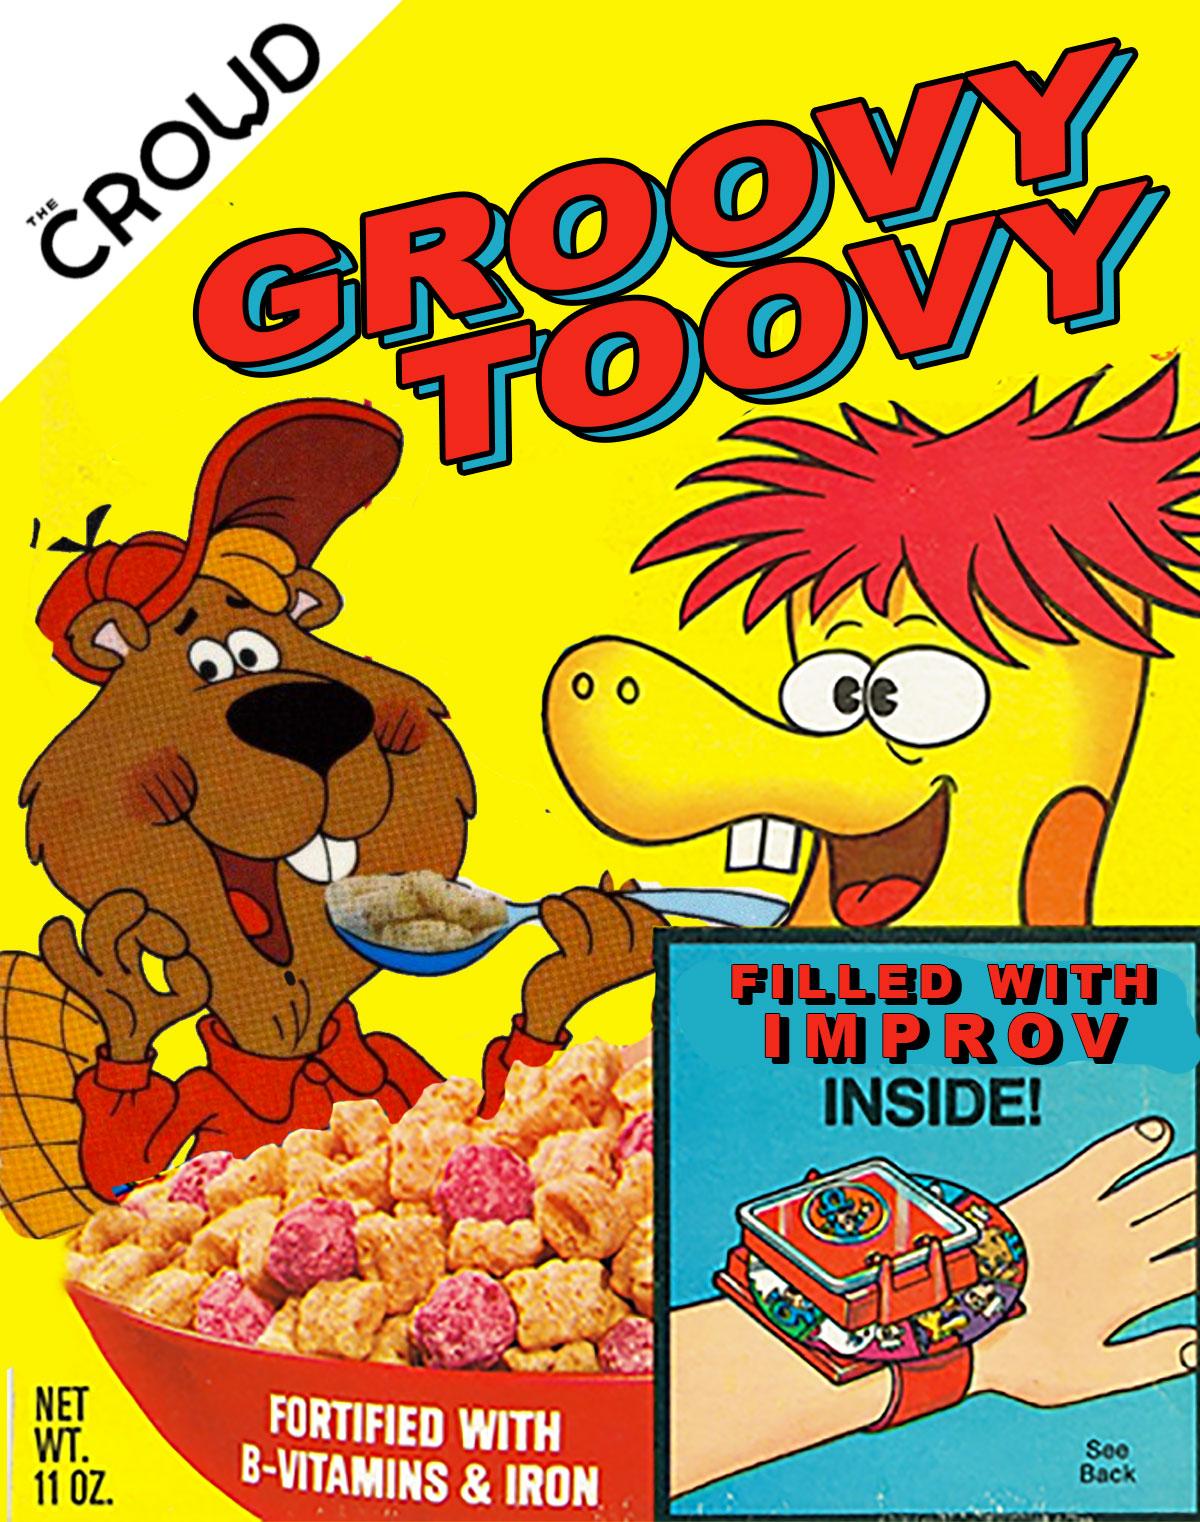 Groovy Toovy.jpg